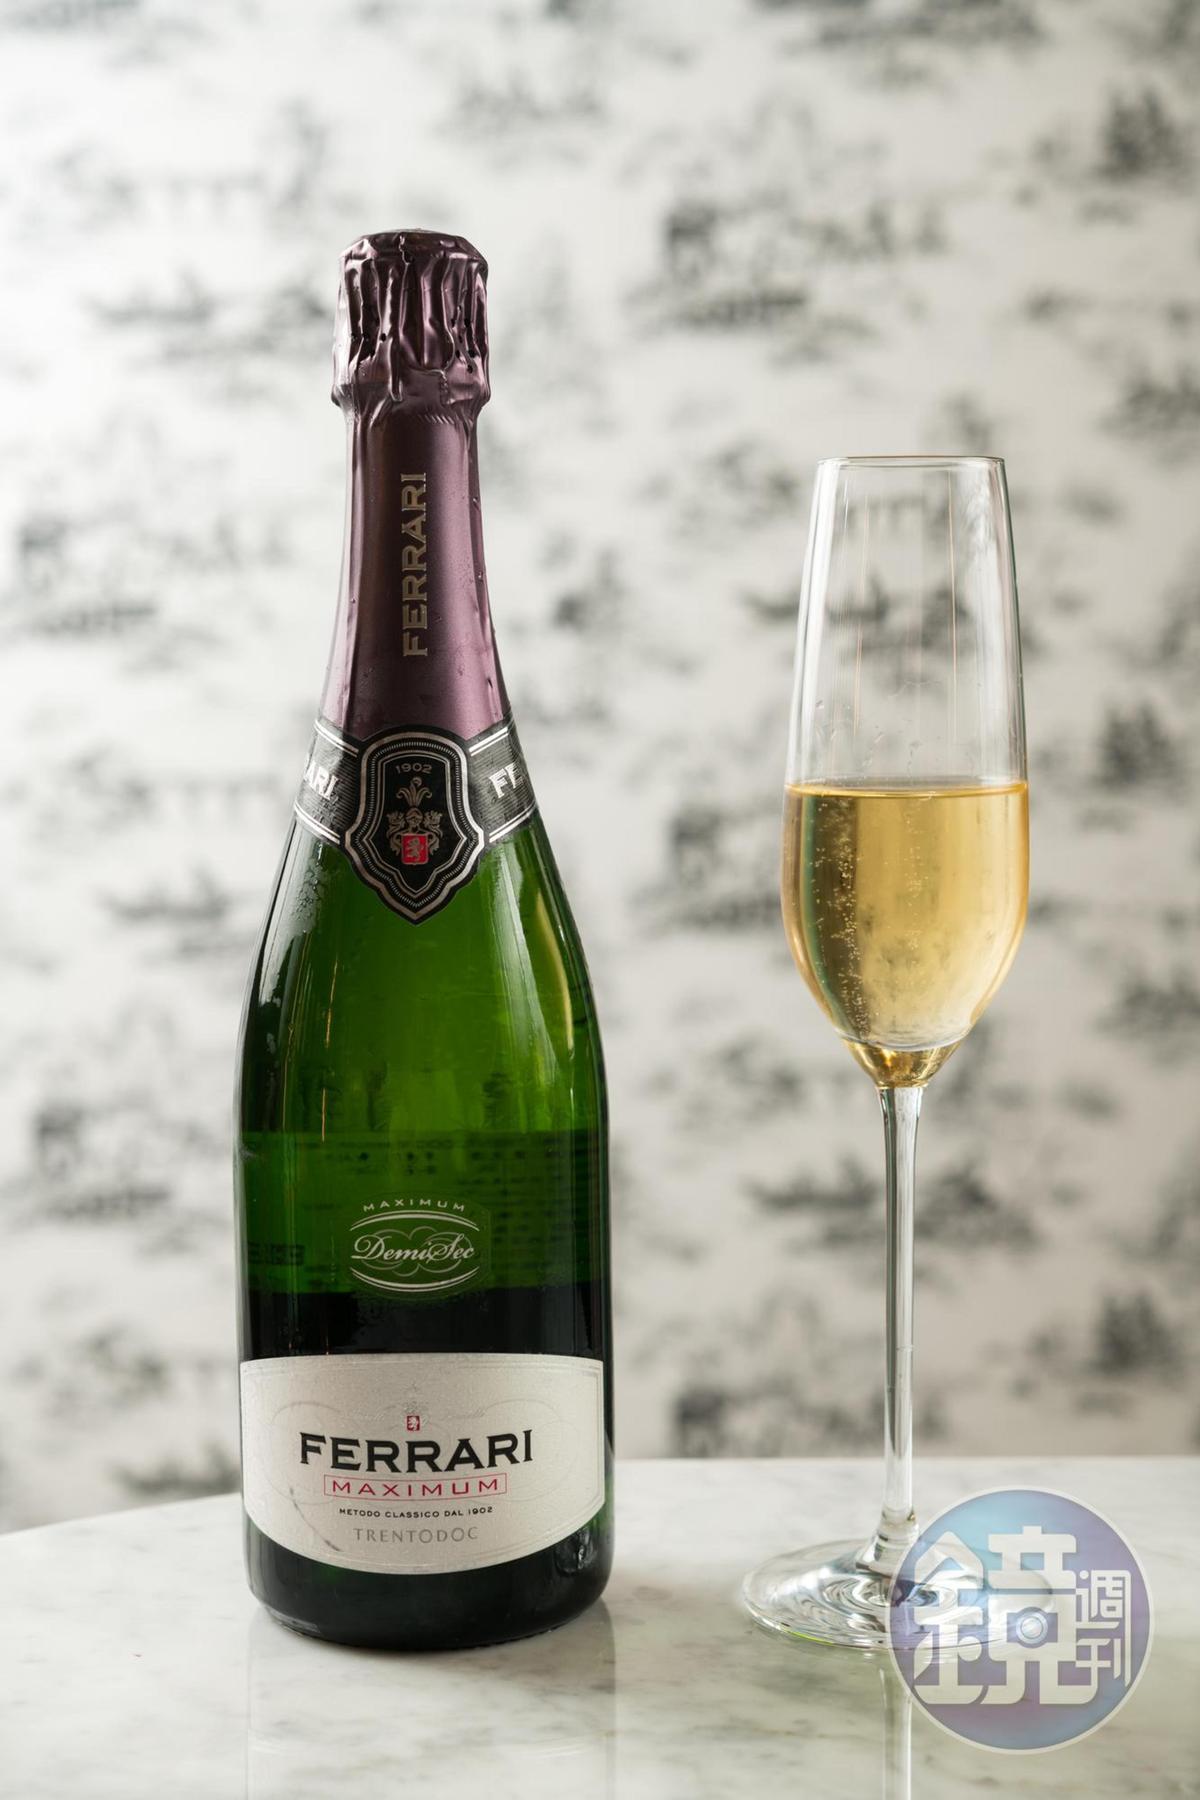 香檳是總在特殊節慶時以升揚的氣泡炒熱氣氛。